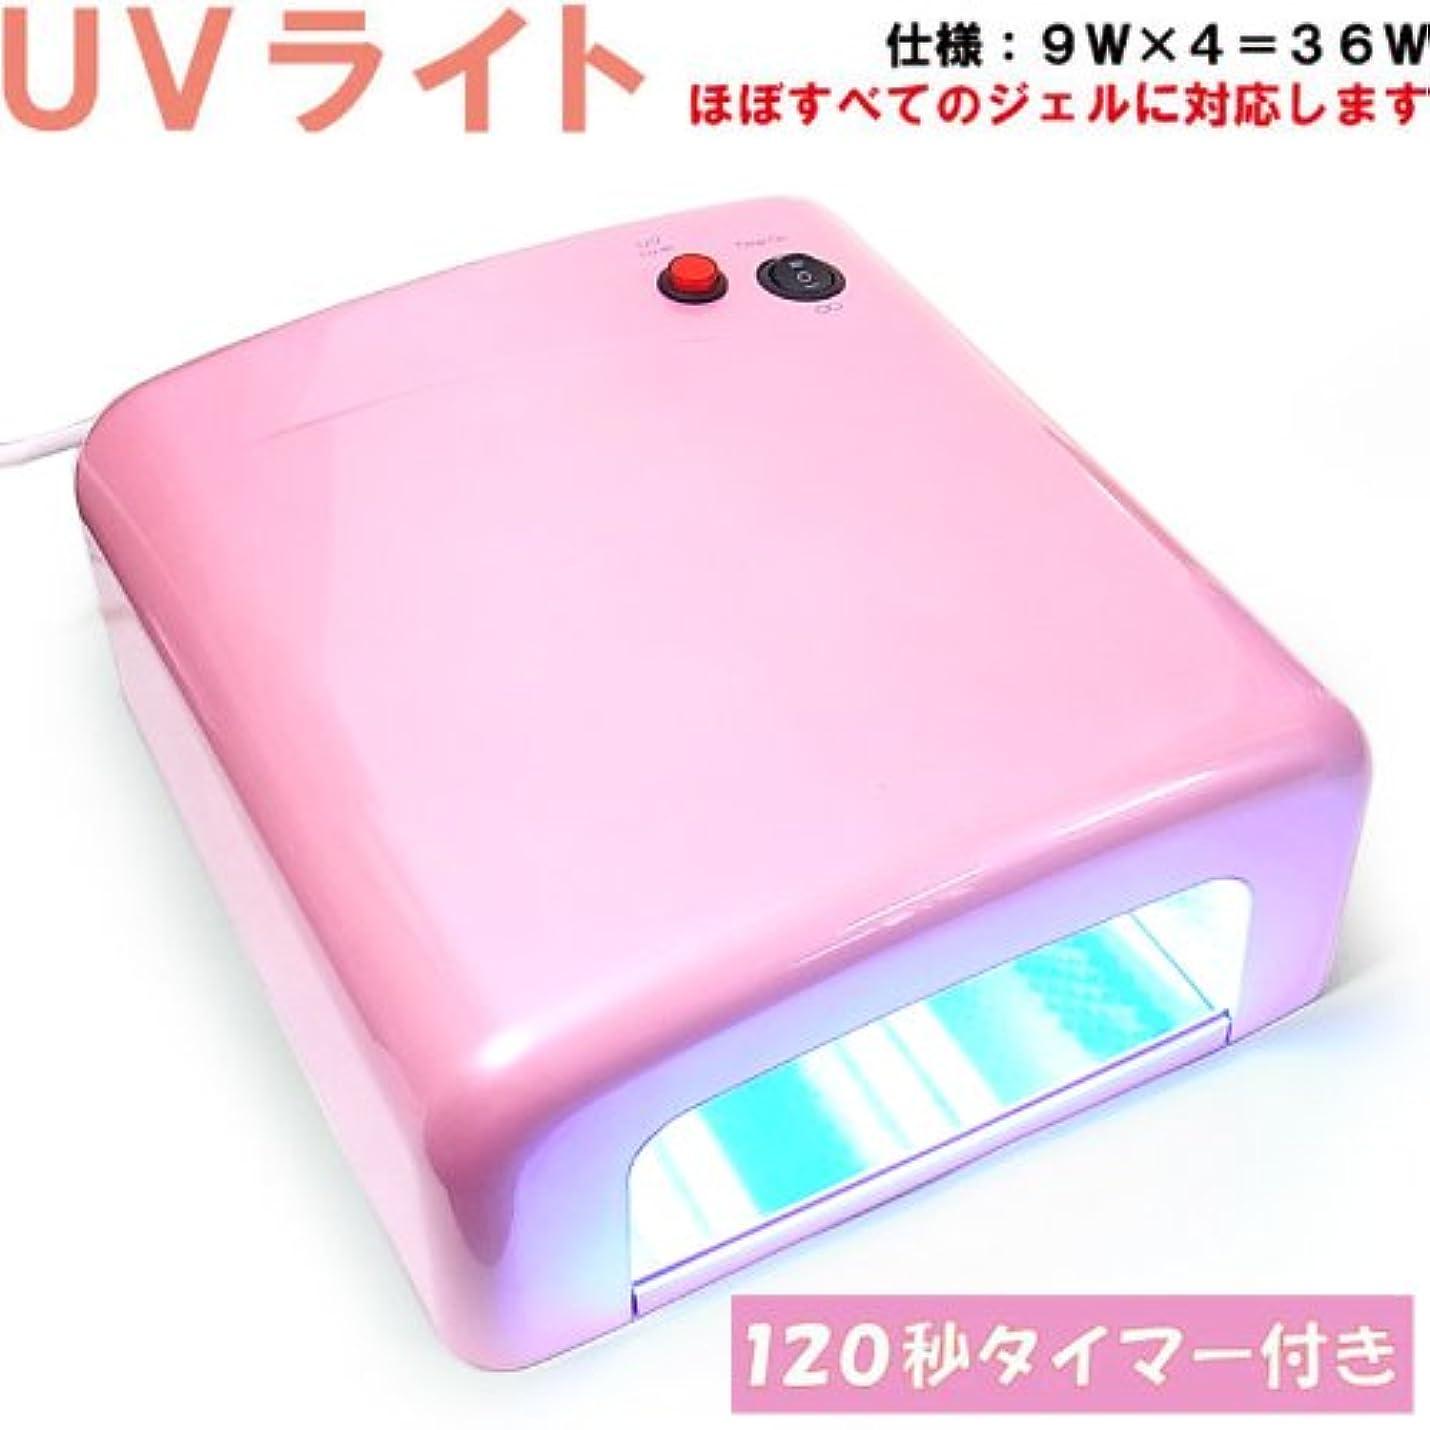 工業用好意暗黙ジェルネイル用UVライト36W(電球9W×4本付き)UVランプ【ピンク】